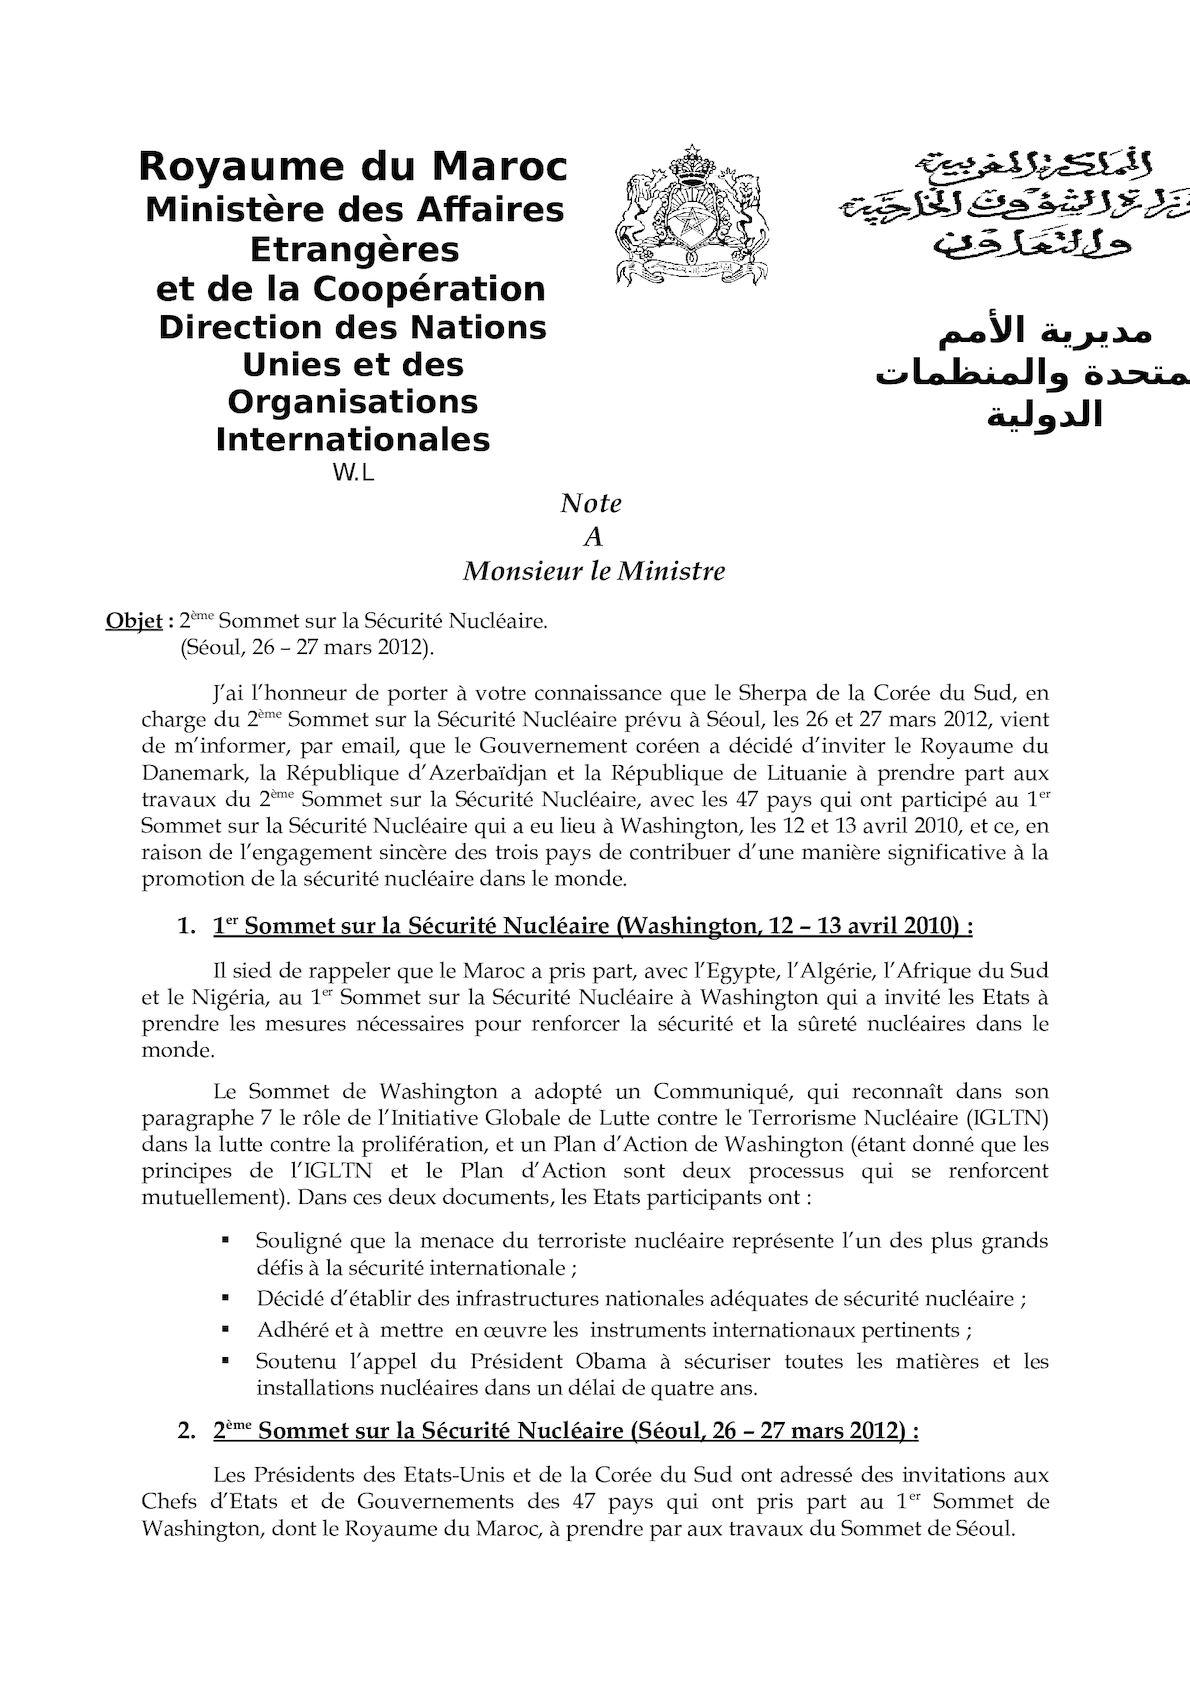 Note à M Le Ministre - Invitation Du Maroc Au NSS